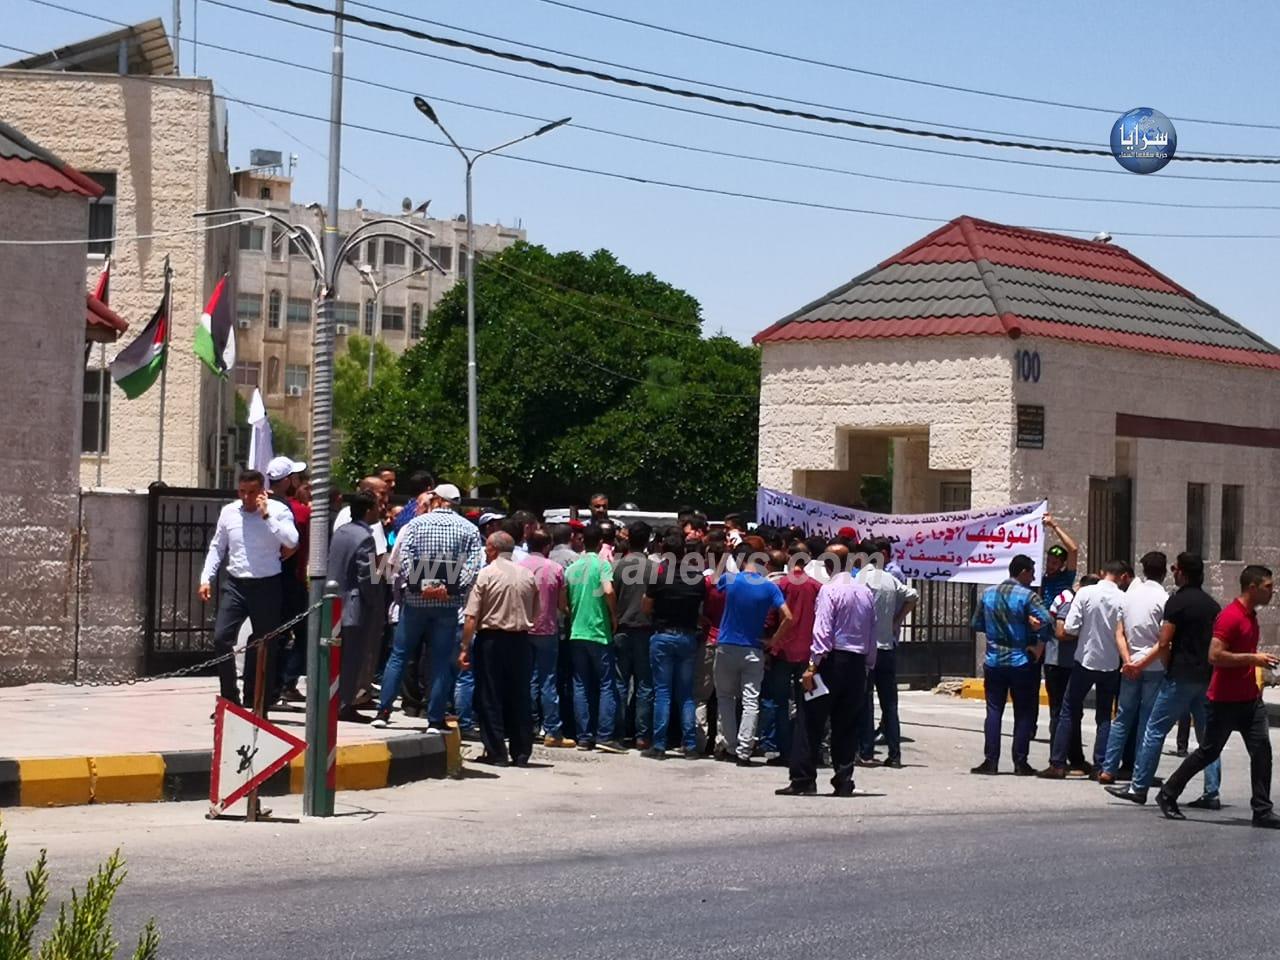 بالصور  ..  العشرات يحتجون أمام مبنى محافظة إربد مطالبين الإفراج عن موقوفين شملهم العفو العام